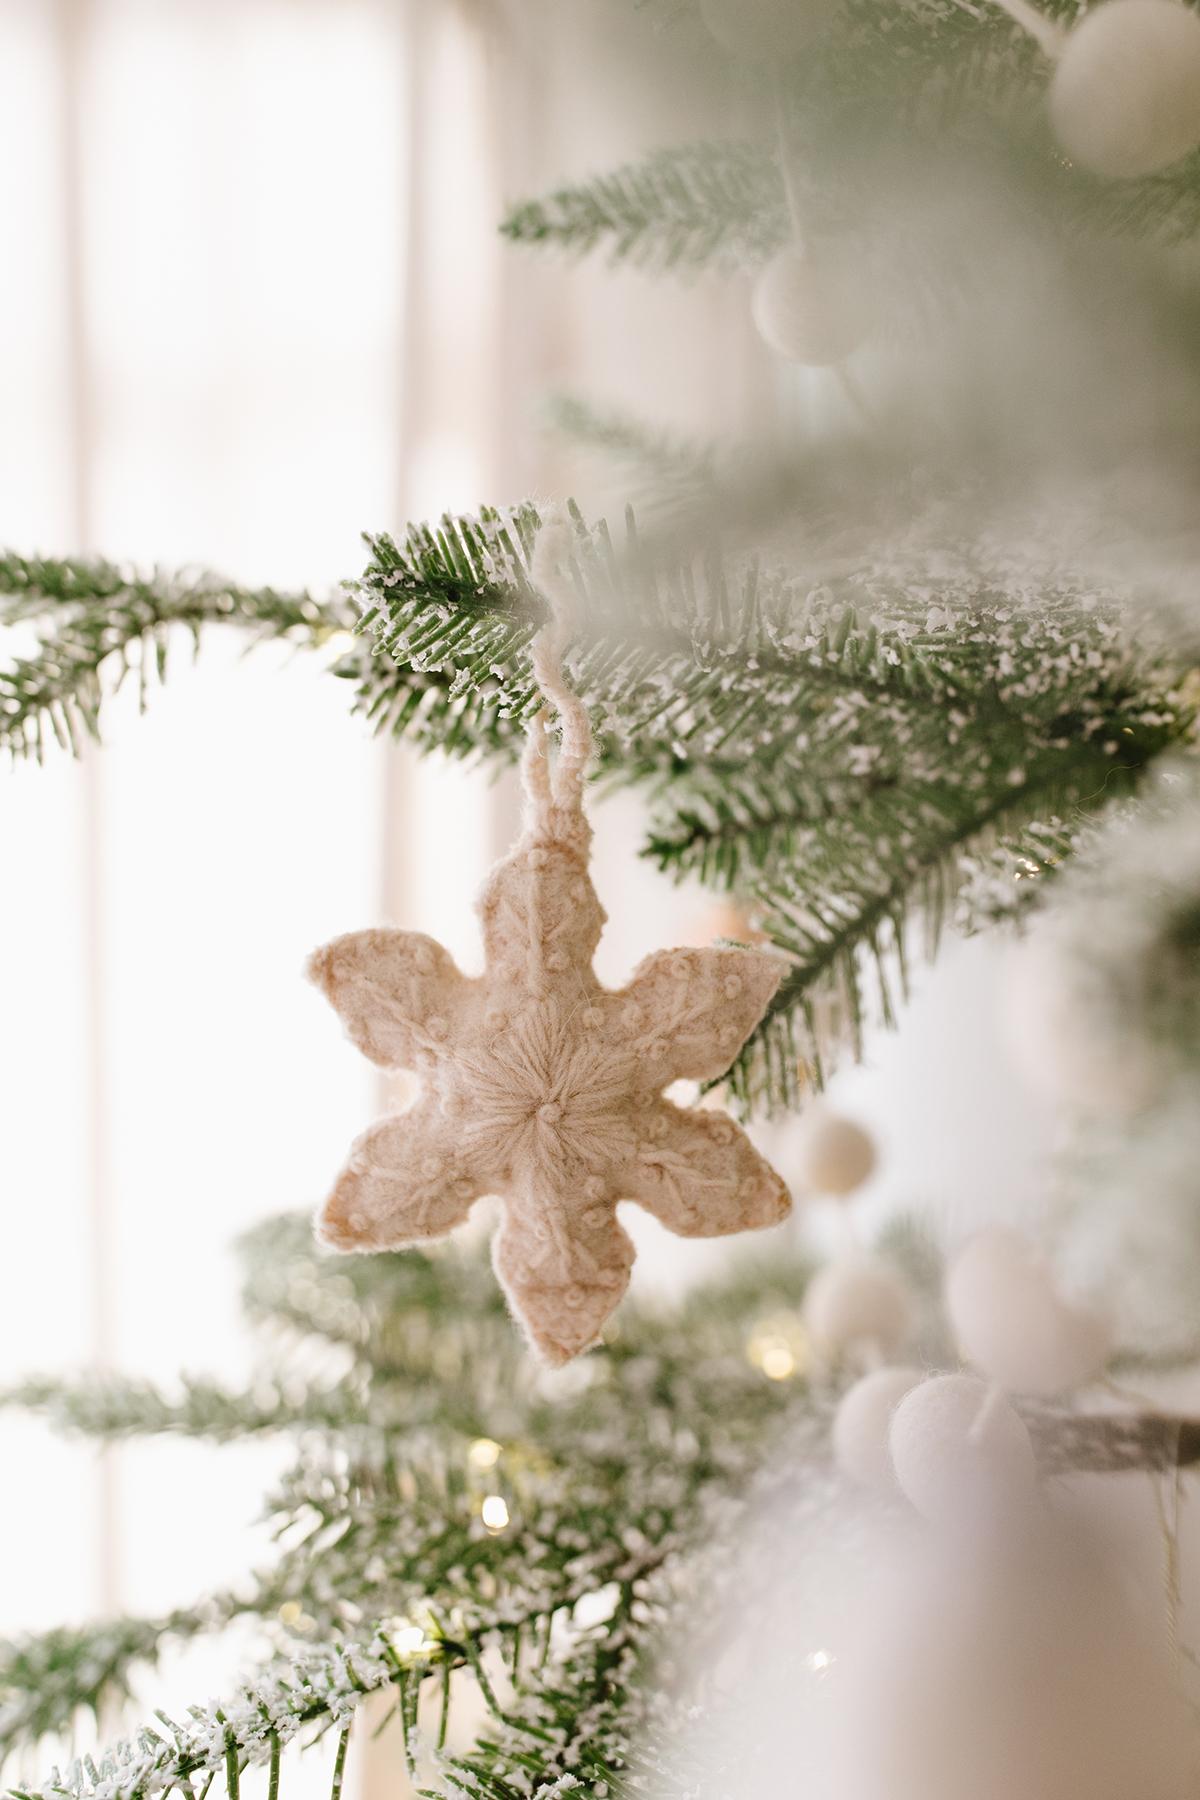 décor de salon de vacances de Noël confortable avec caisse et baril | coco kelley